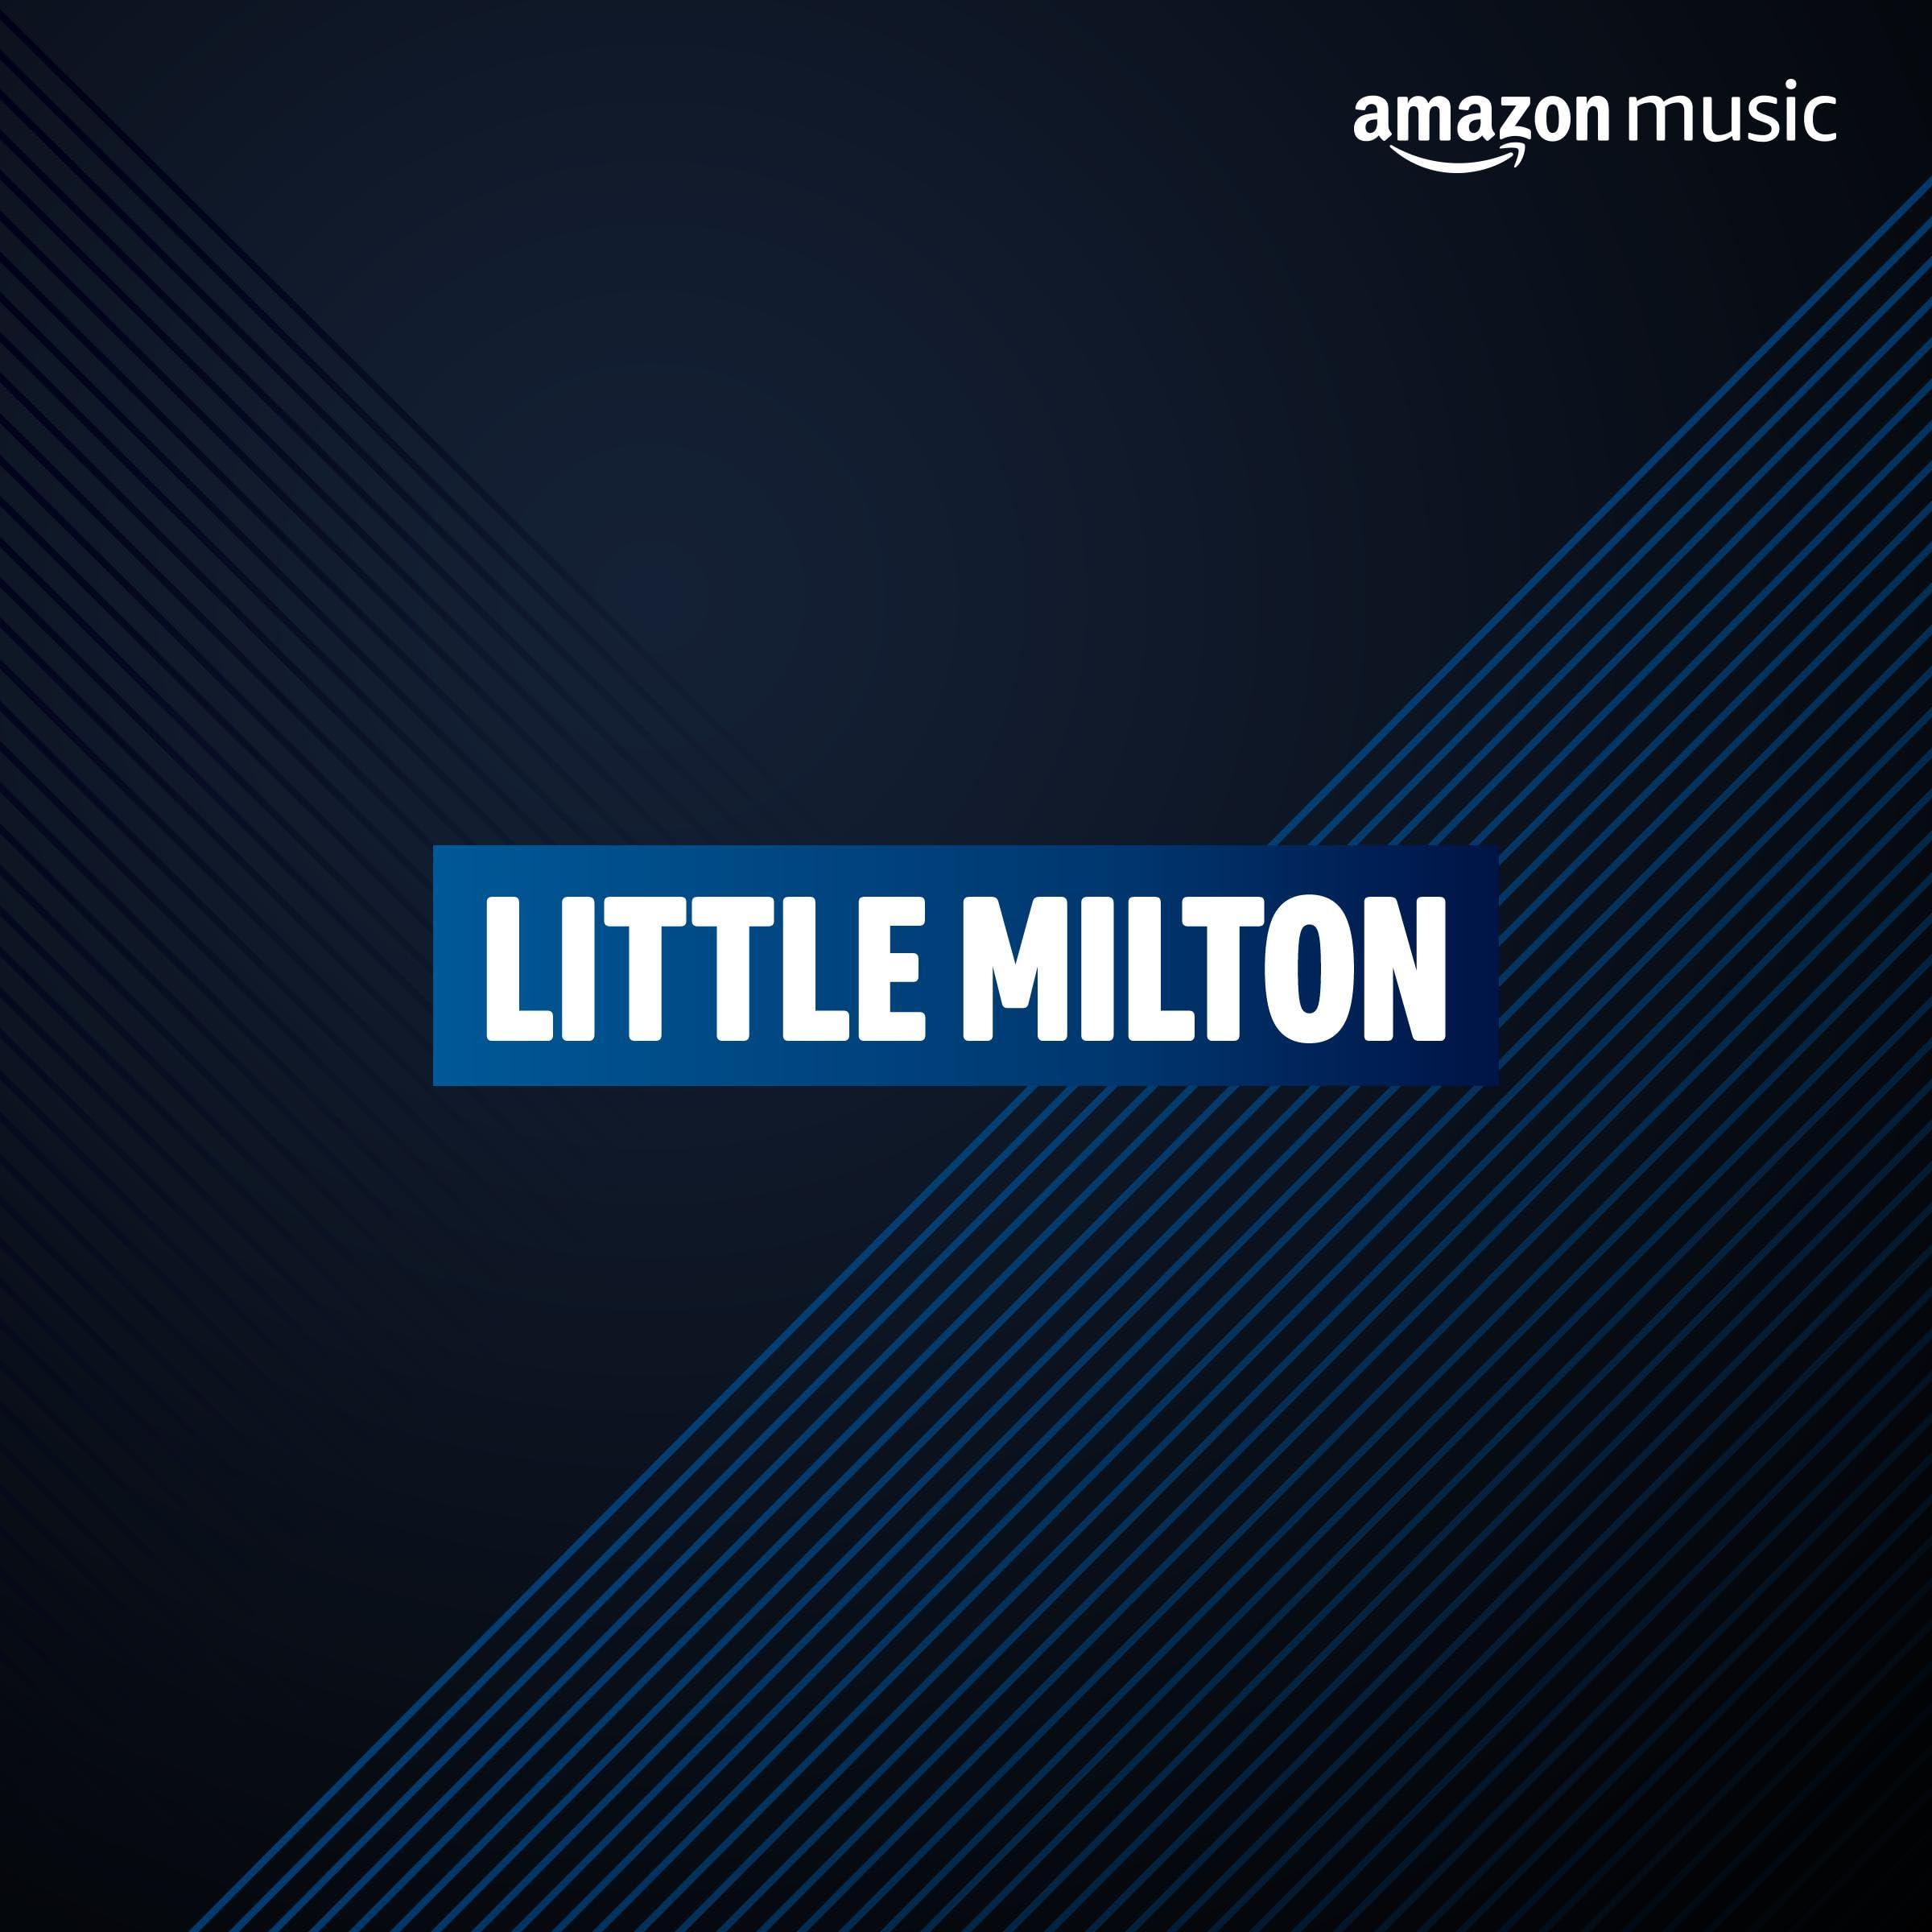 Little Milton